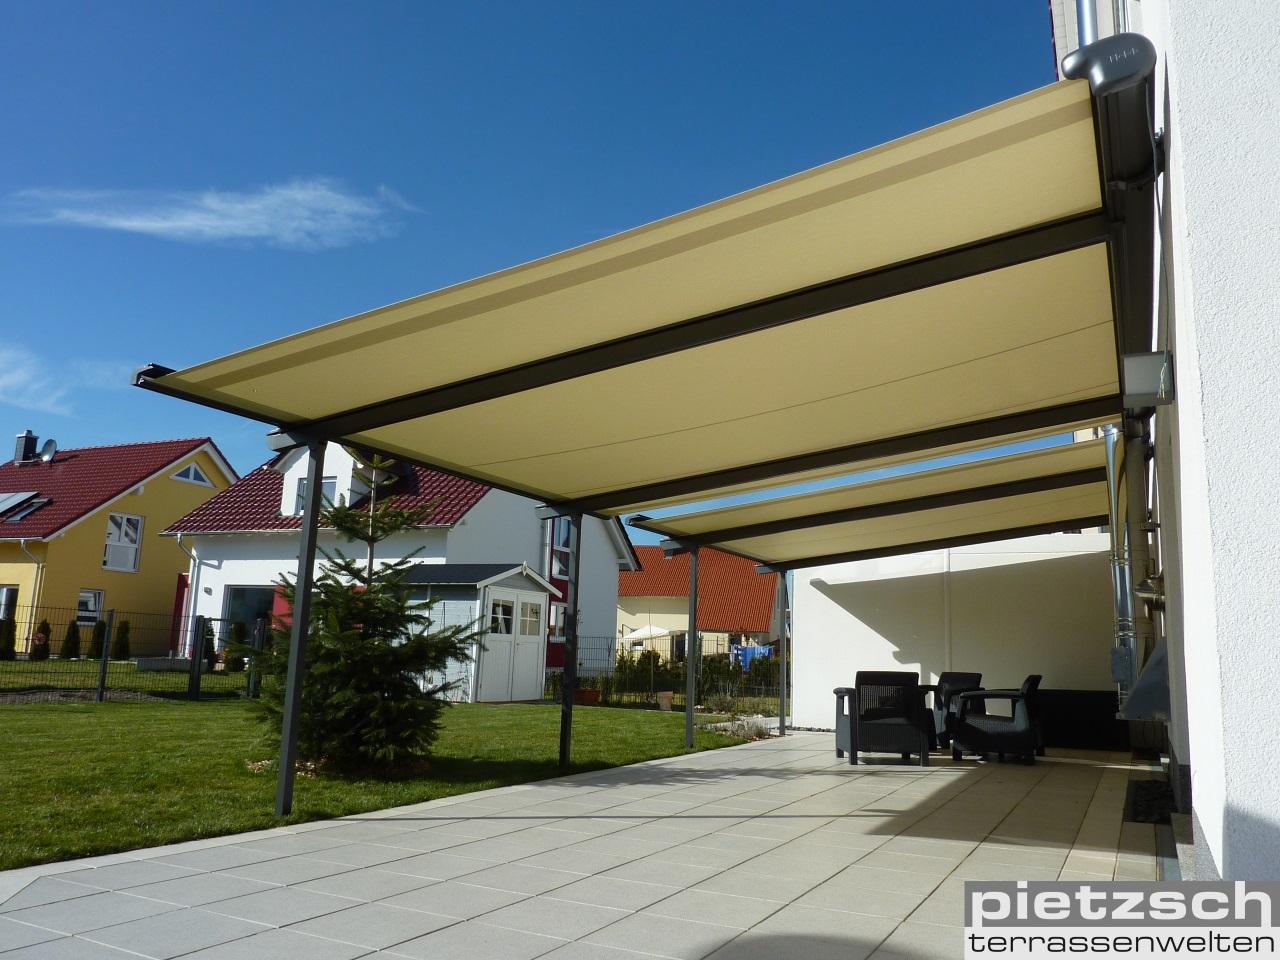 Die Pergola- Markise, PERGOLINO, bietet nicht nur zuverlässigen Sonnenschutz sondern ab 6° Neigung auch einen soliden Wetterschutz. Mit dieser Pergola- Marise können Sie auf 42 m² die Schattenseiten des Lebens genießen.